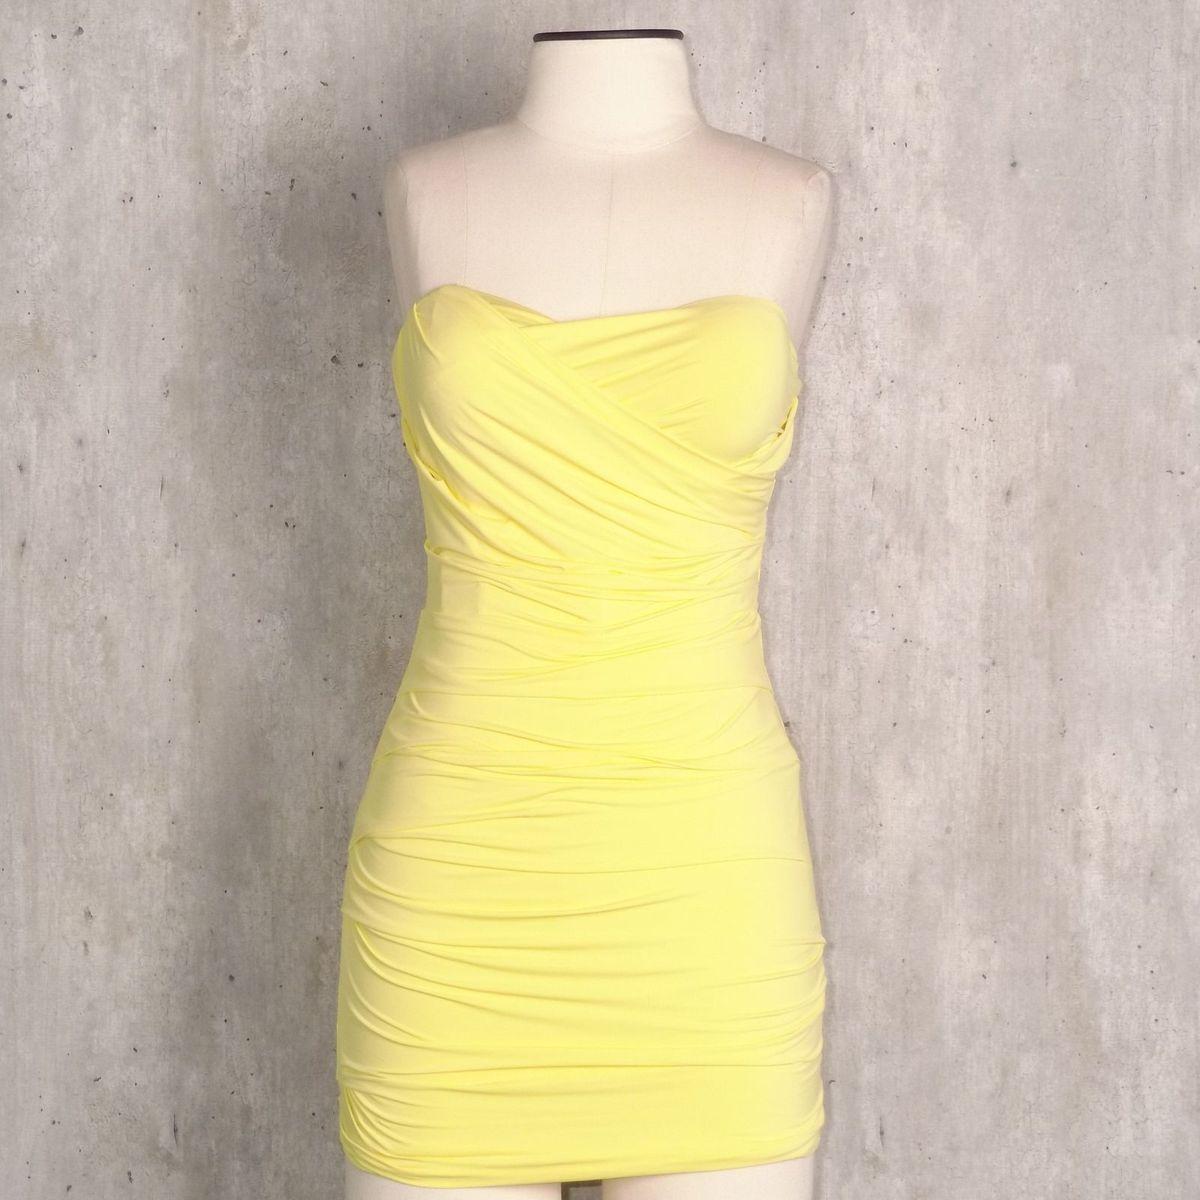 dfcb677651 Vestido Franzido Amarelo